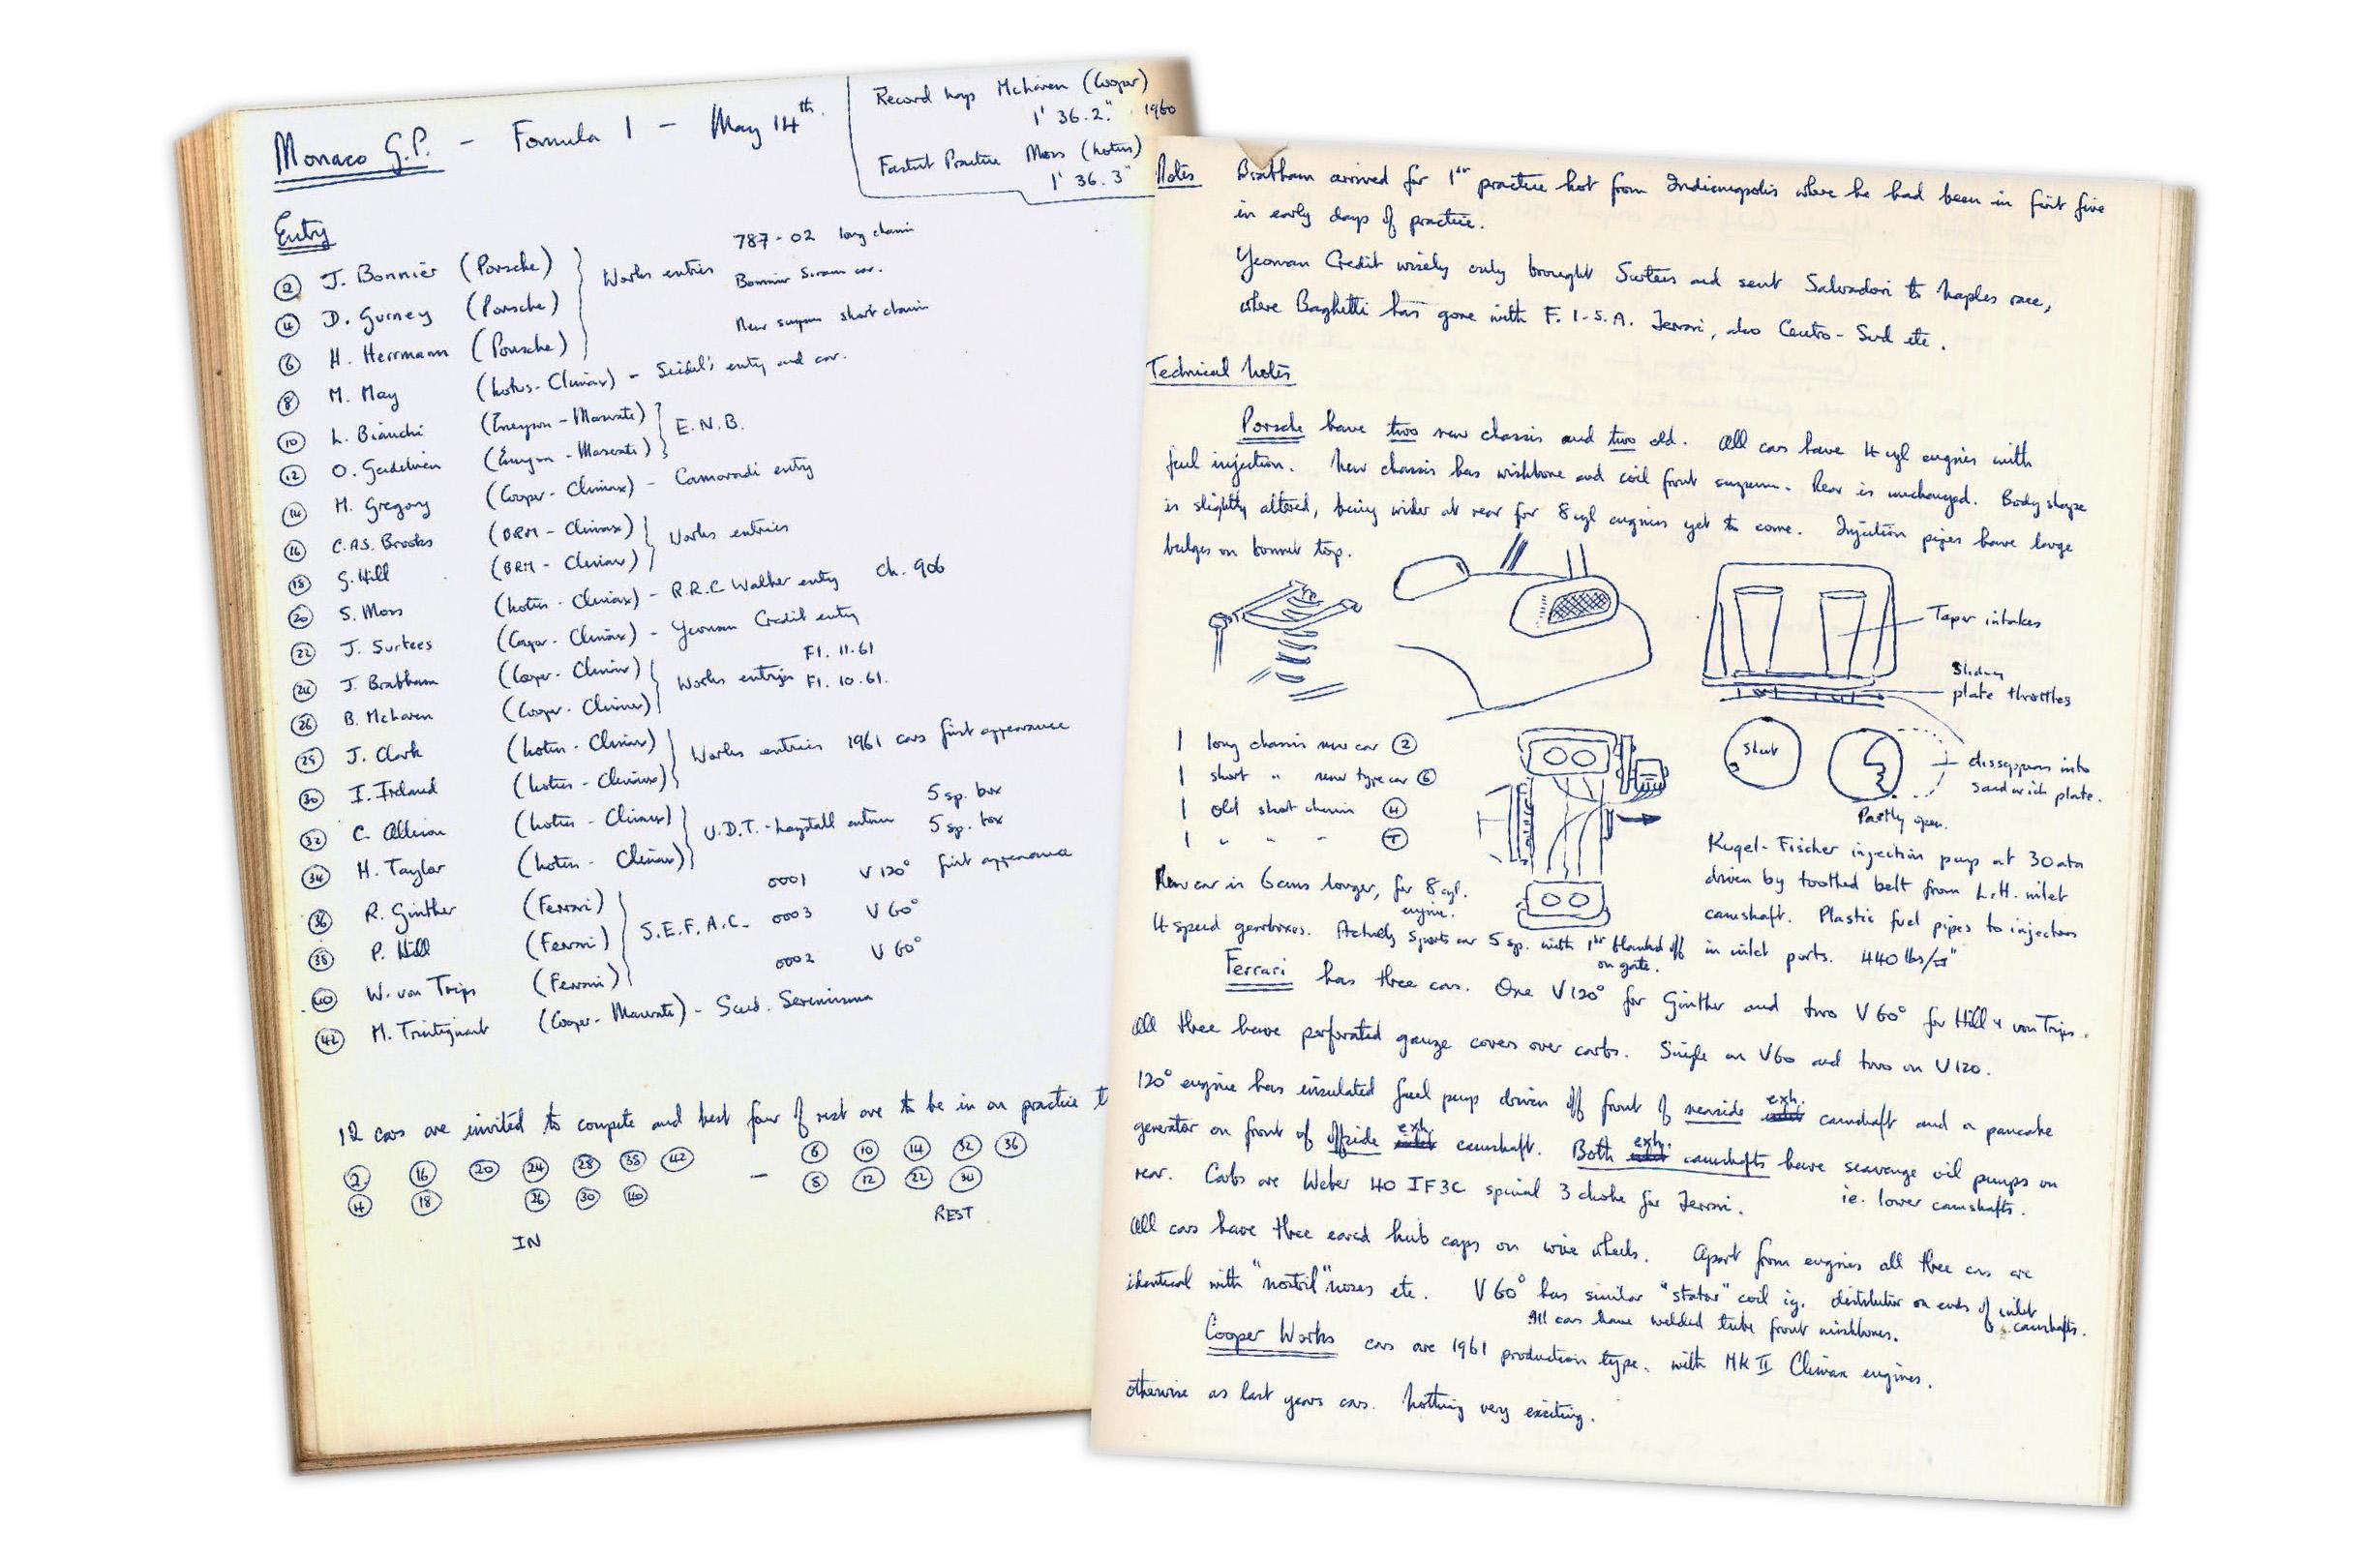 Jenks 1961 Monaco GP notes